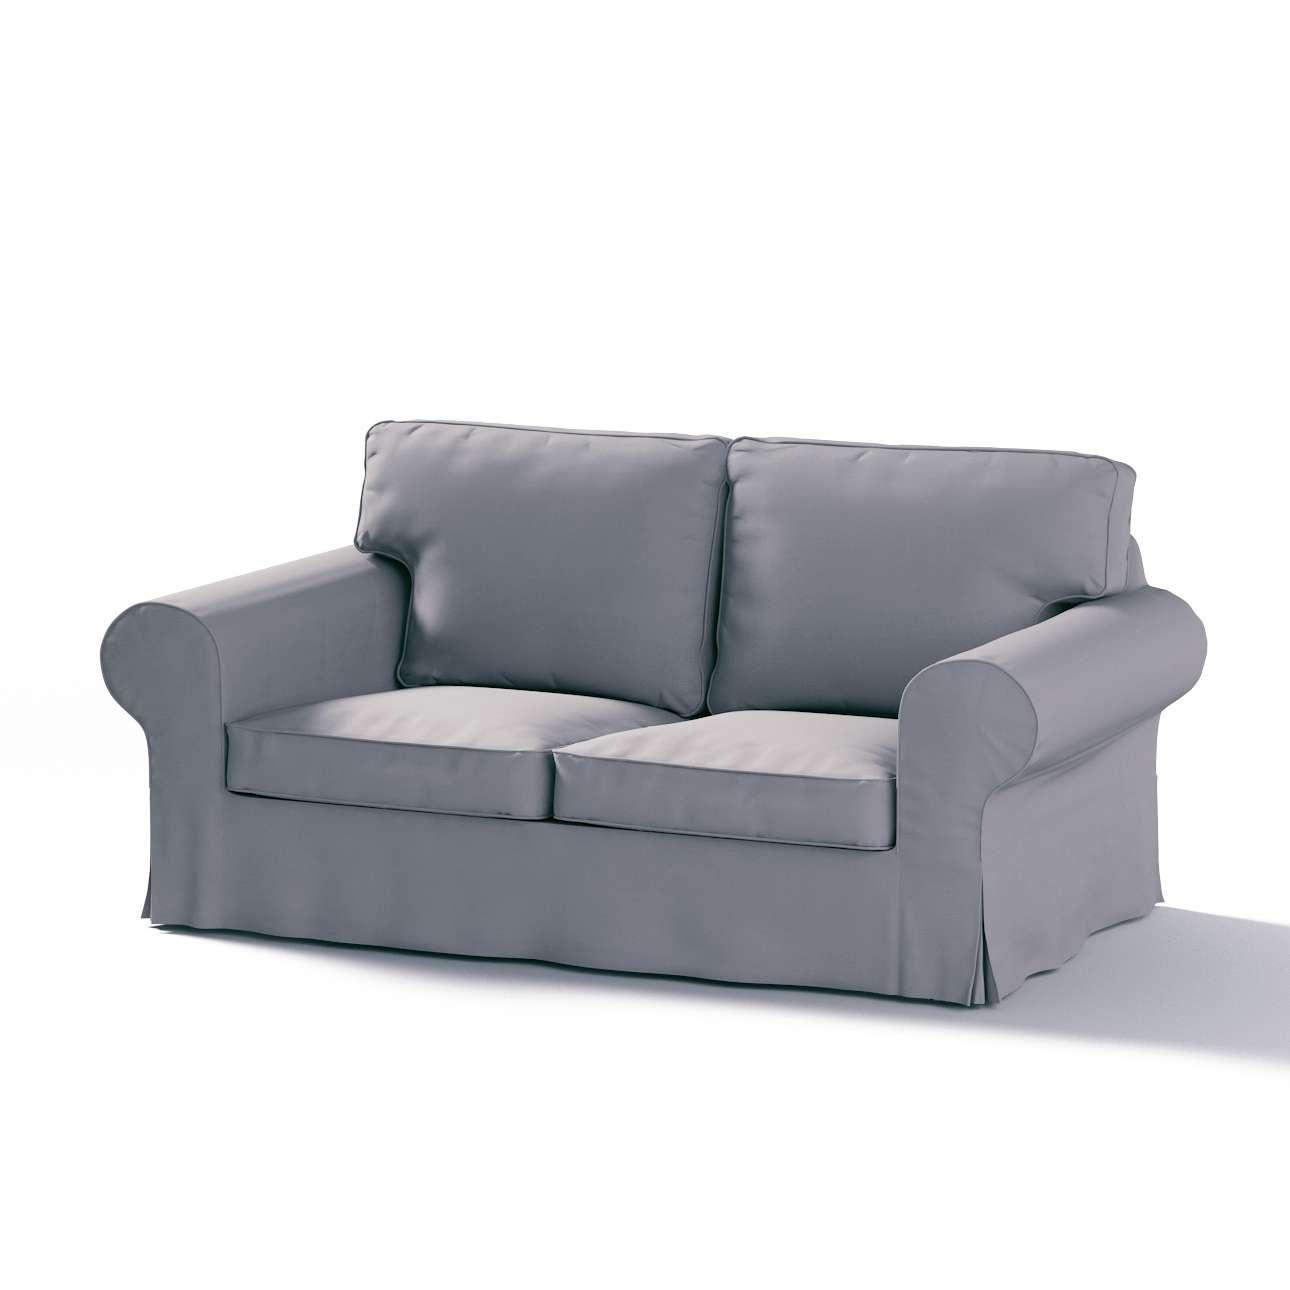 Pokrowiec na sofę Ektorp 2-osobową, rozkładaną, model do 2012 w kolekcji Cotton Panama, tkanina: 702-07